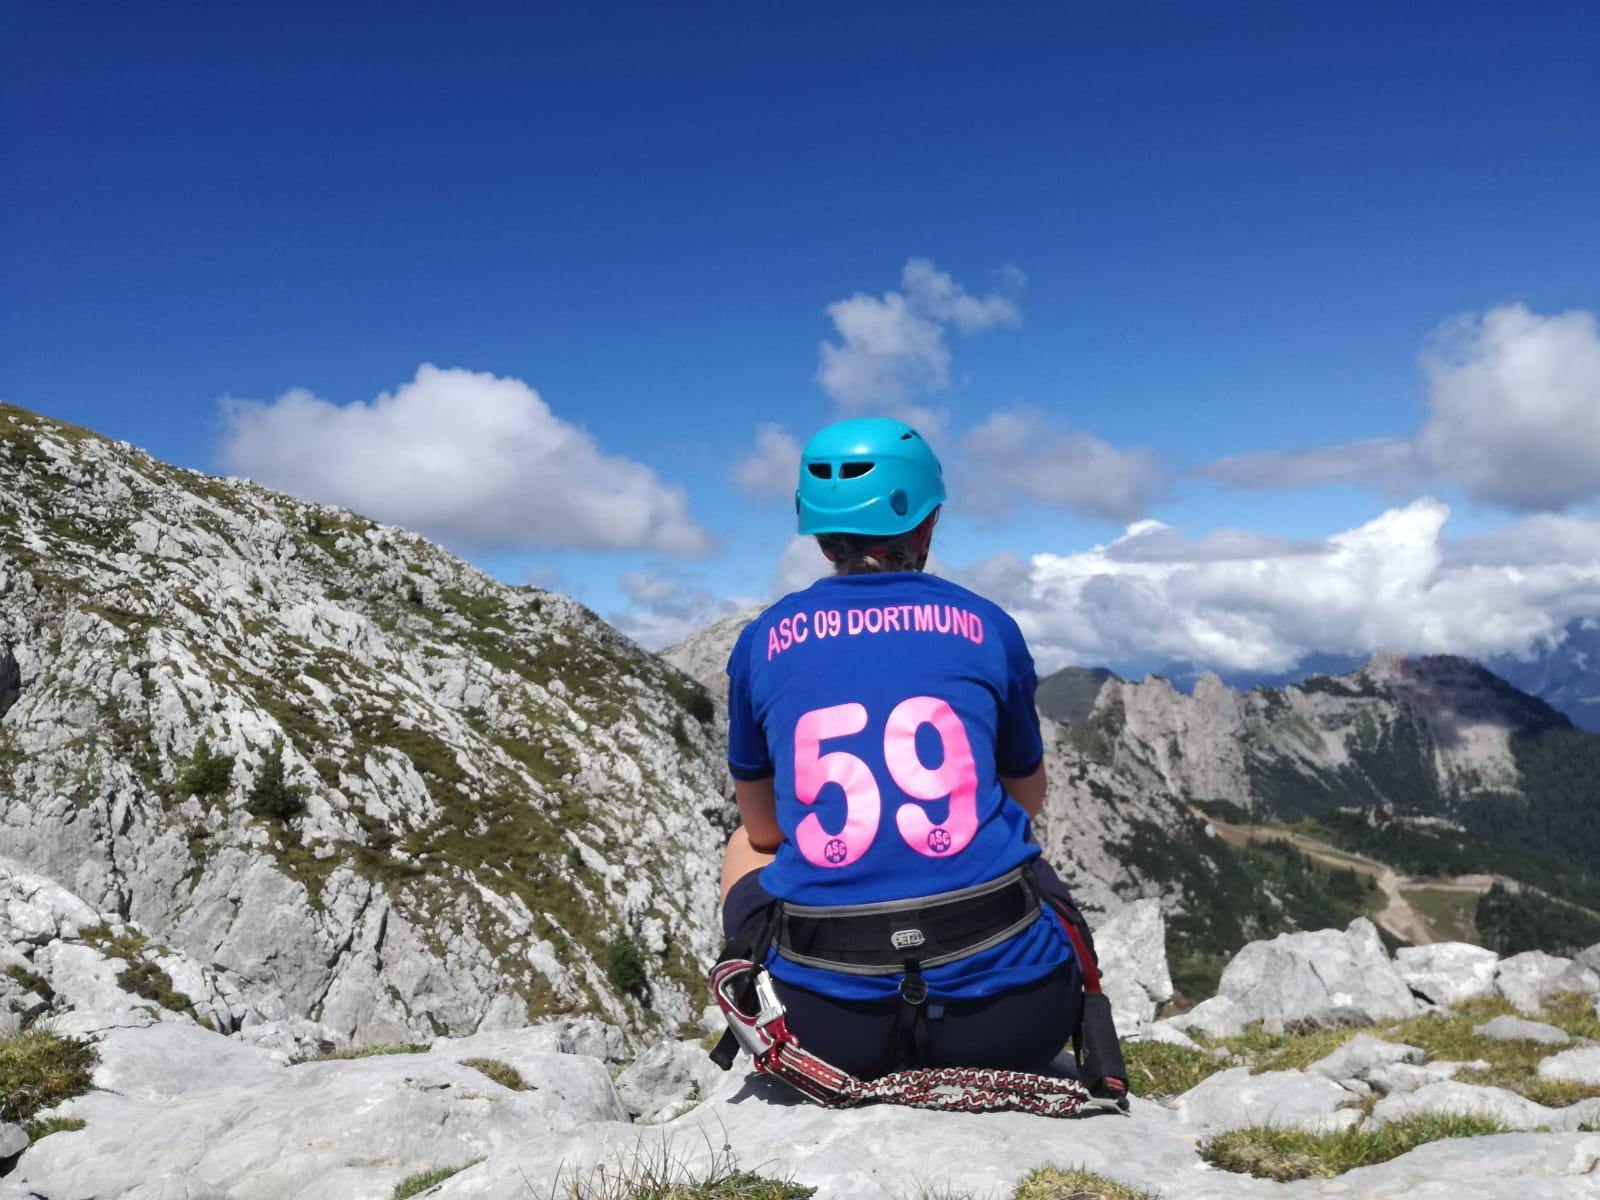 Emma Tripp, Handballerin in der weiblichen B-Jugend, schickt diese phänomenale Fernsicht aus den Kärntner Alpen. Der Blick entschädigte für den strapaziösen Aufstieg zum Gipfel.